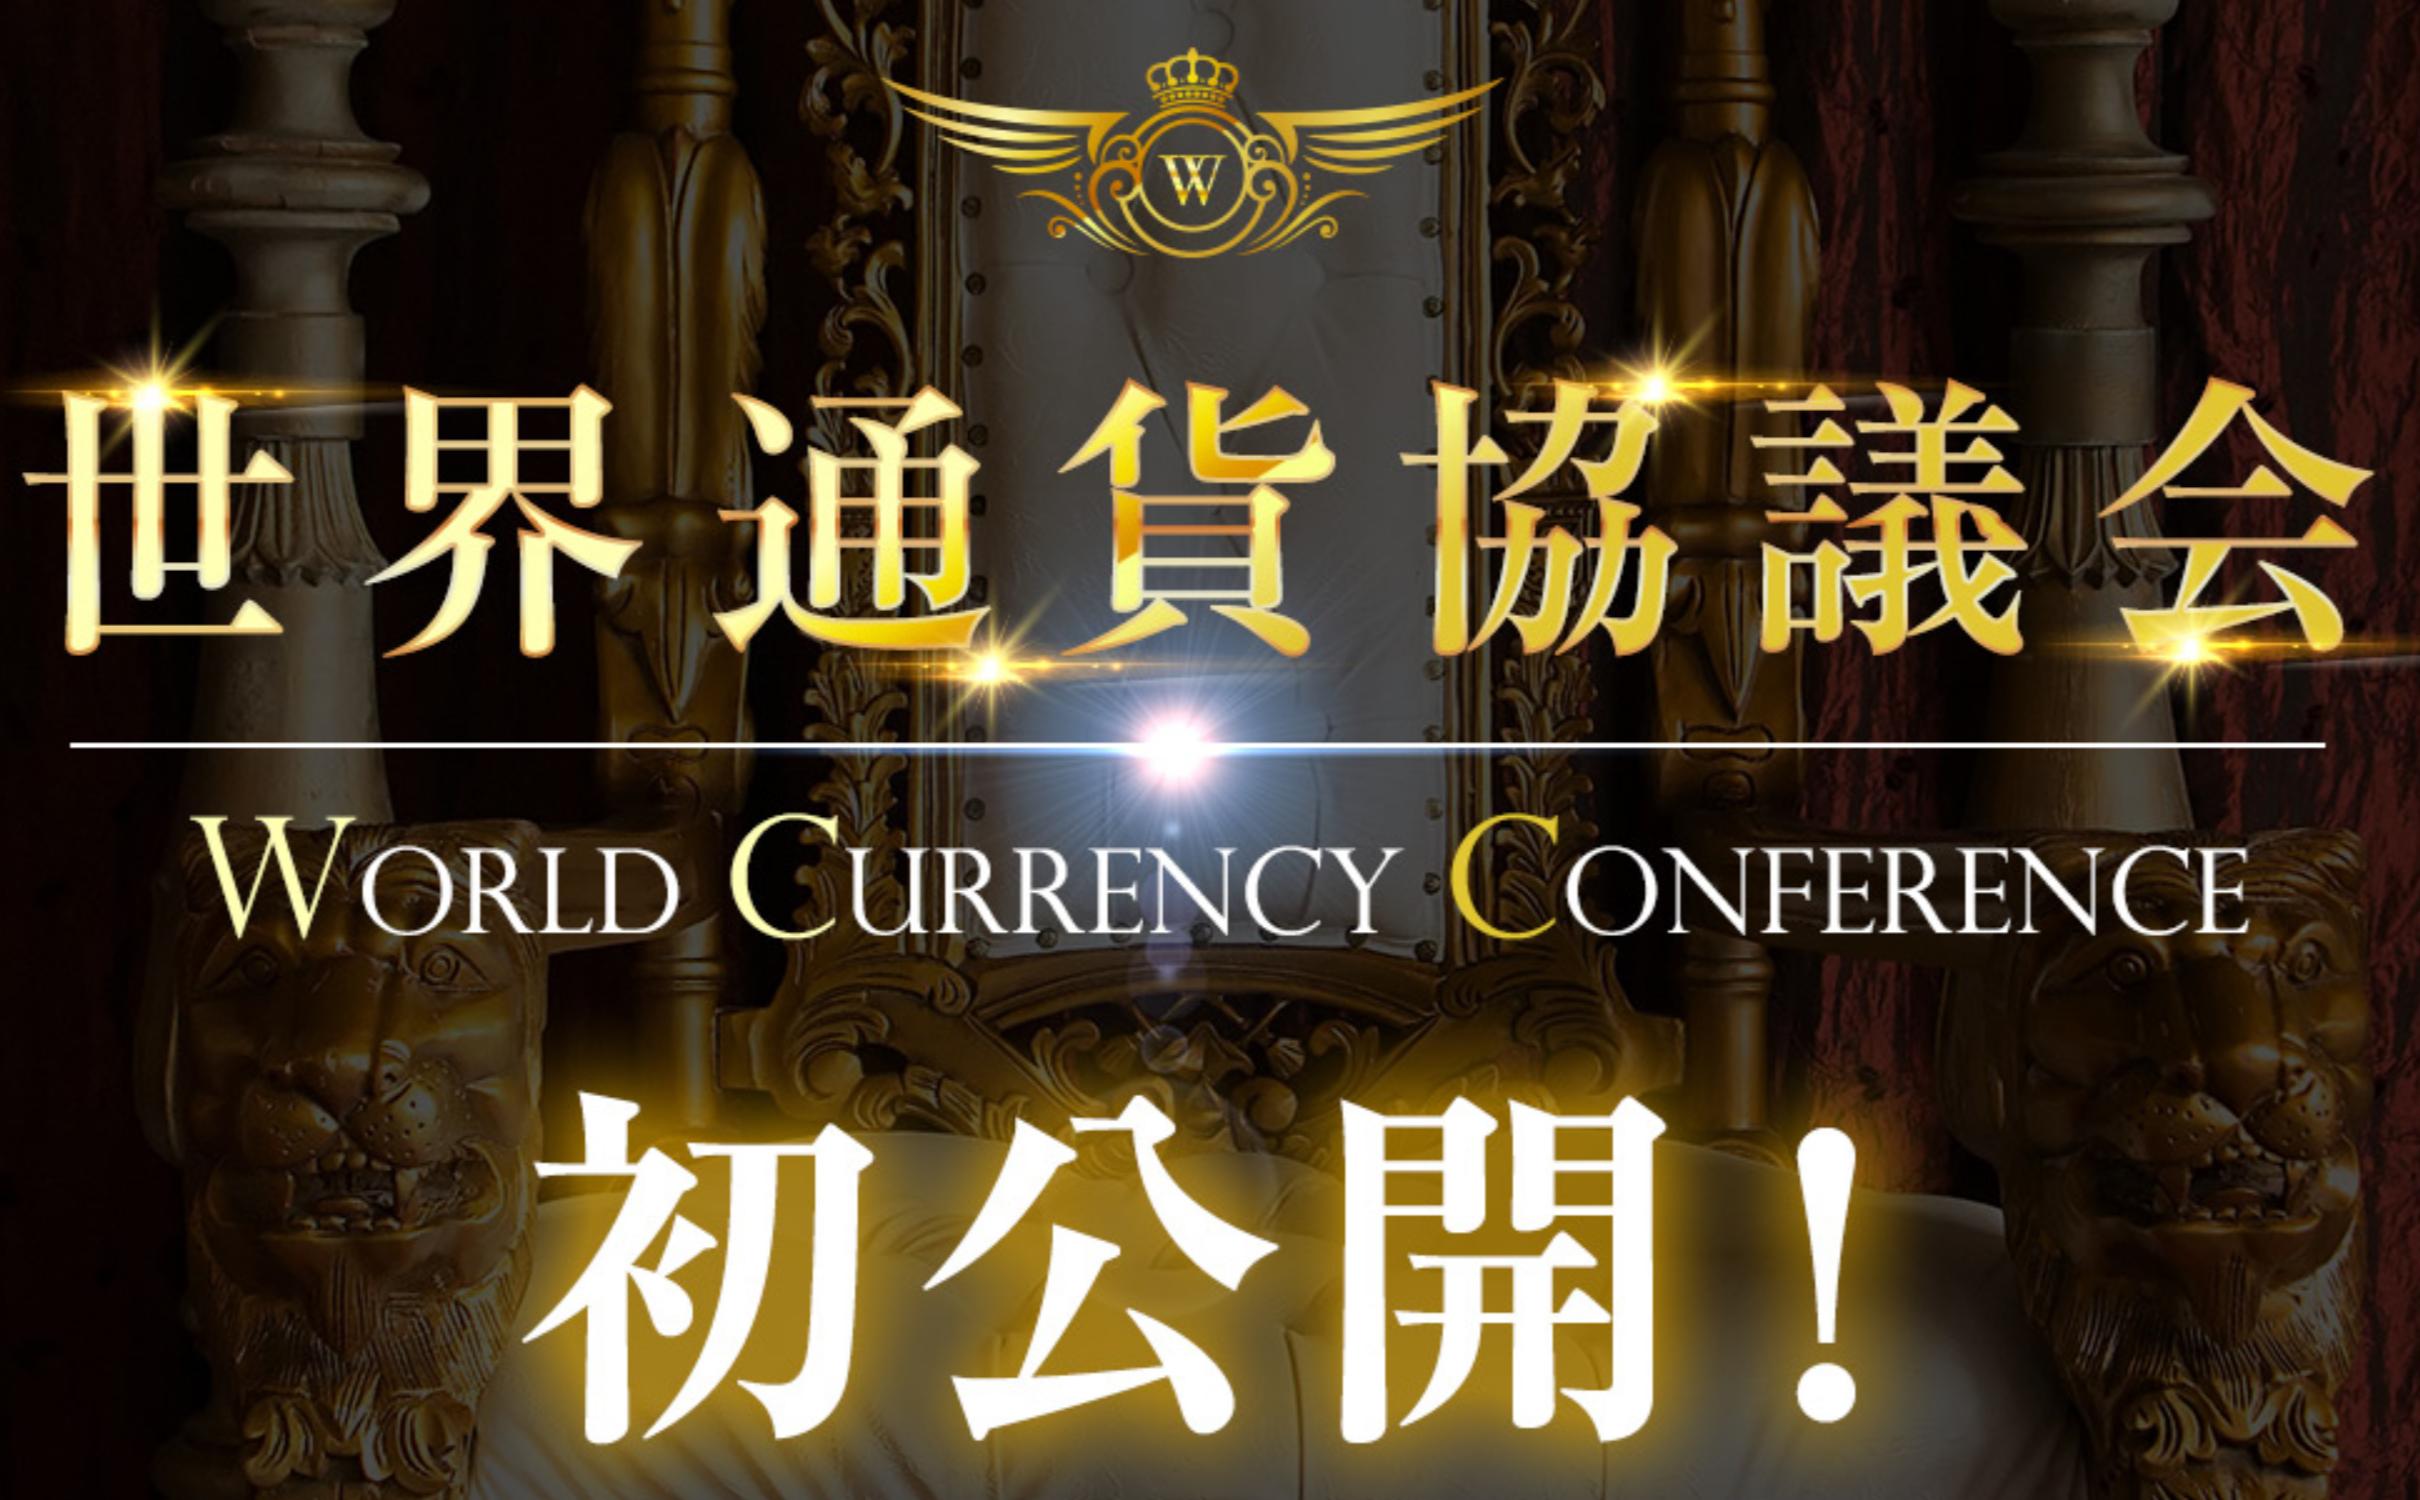 「世界通貨協議会」初公開! レター